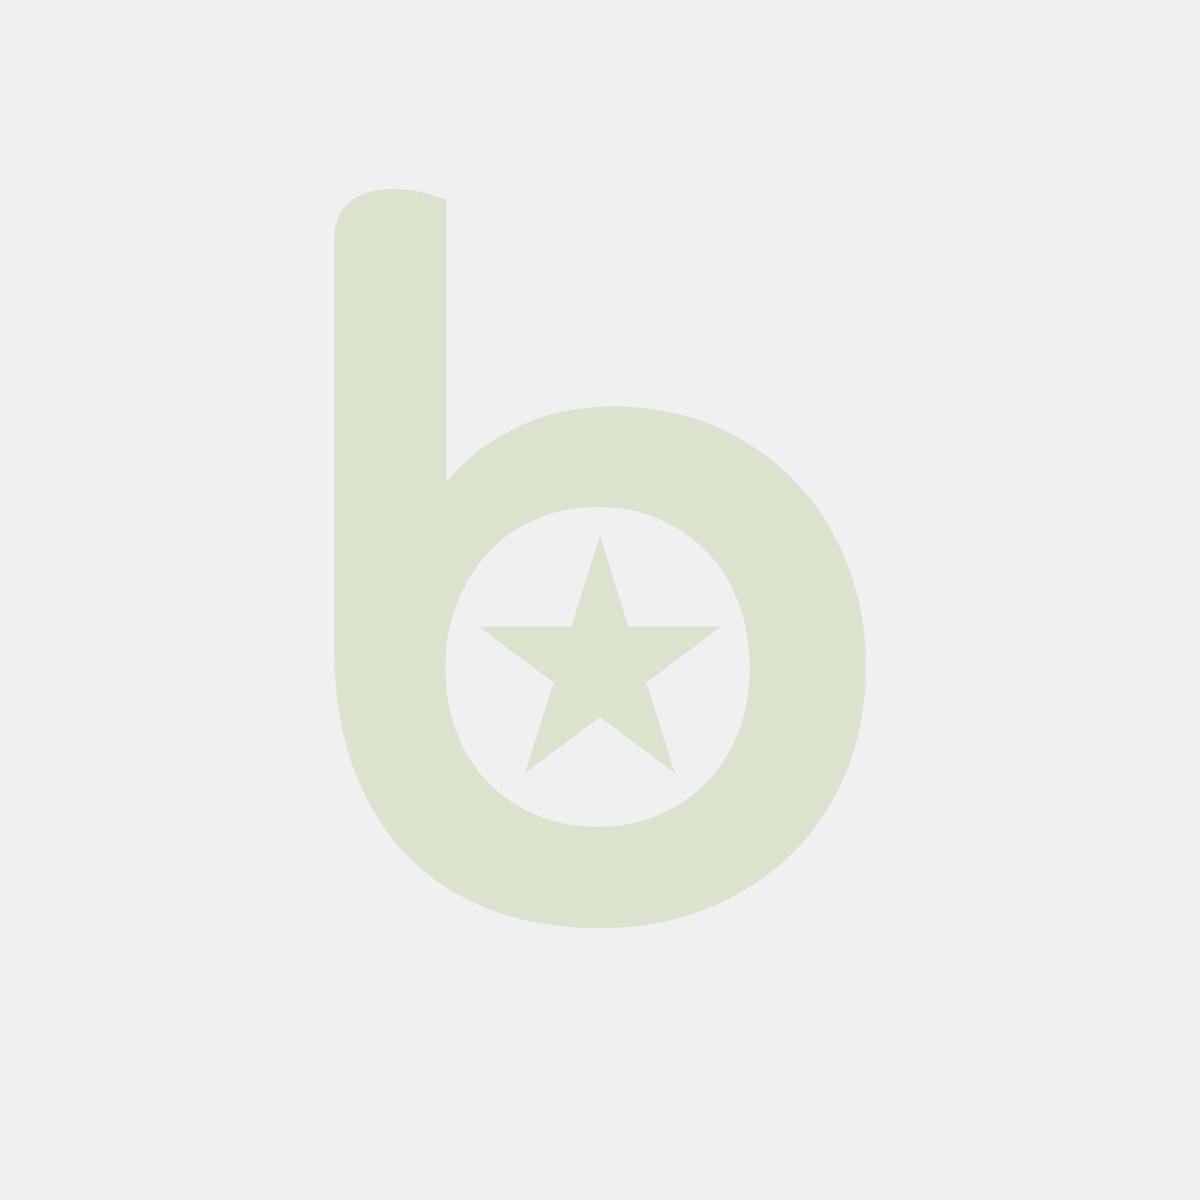 Cienkopis SCHNEIDER Line-Up, 0,4mm, morski